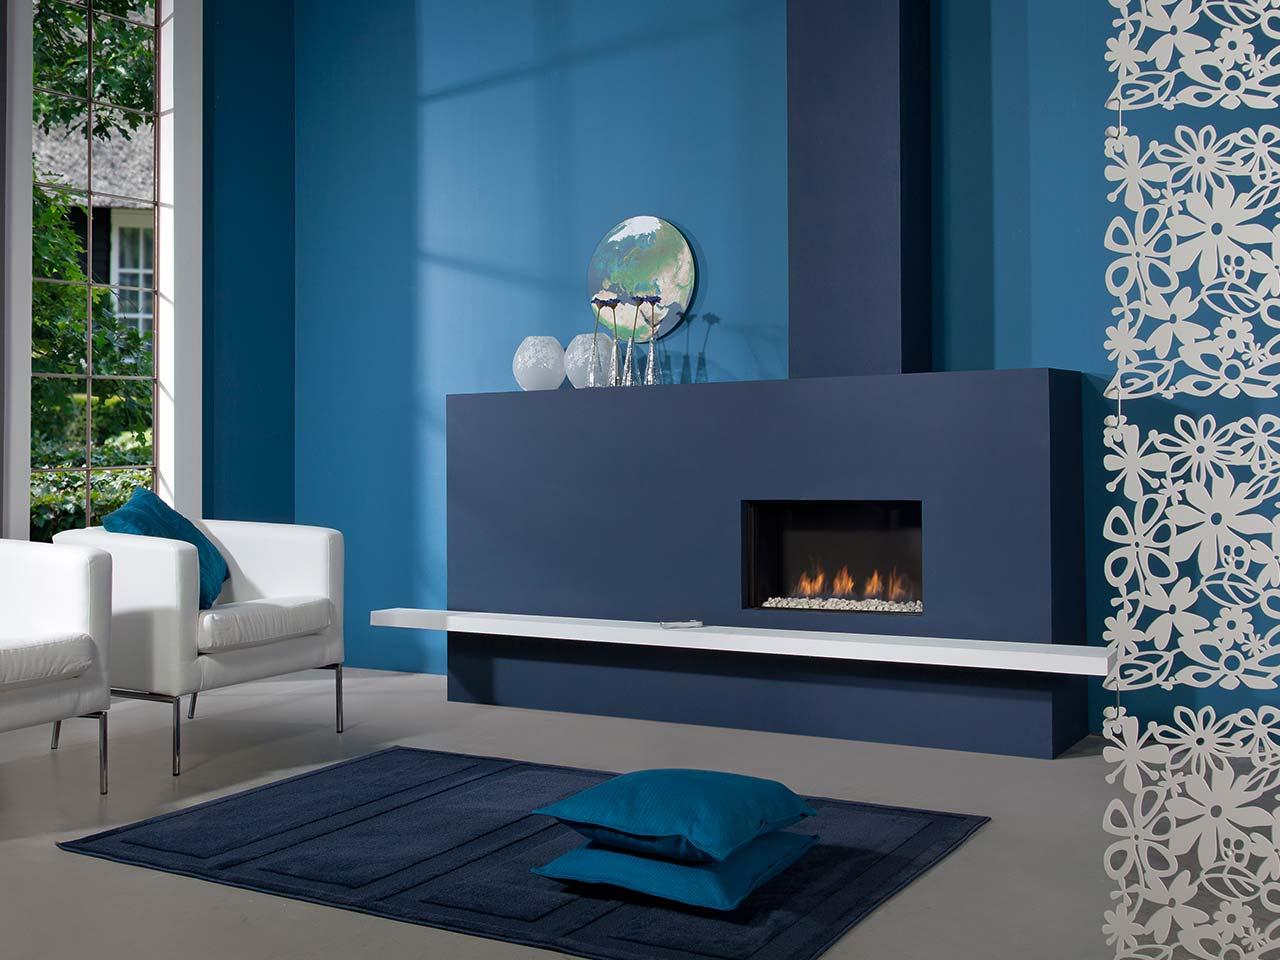 Faber Fyn 600 in blau mit Fernbedienung und weißen Steinen